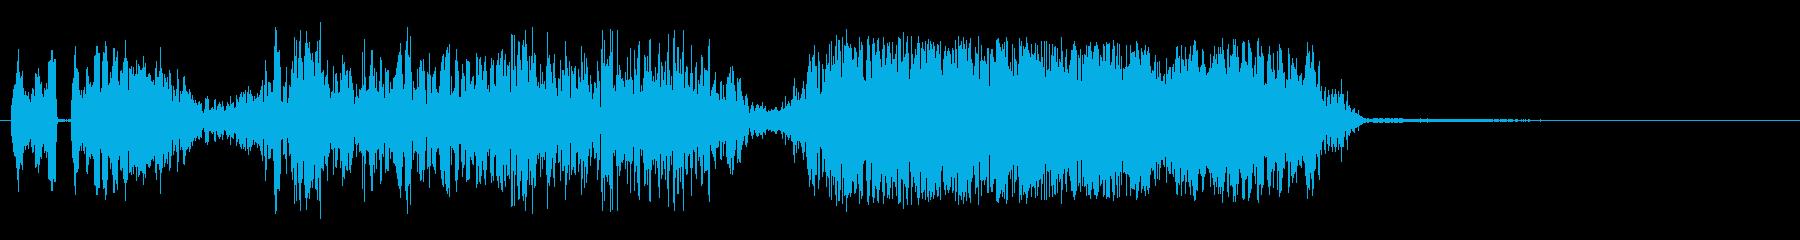 変動するスタッタースクリーチスイープの再生済みの波形